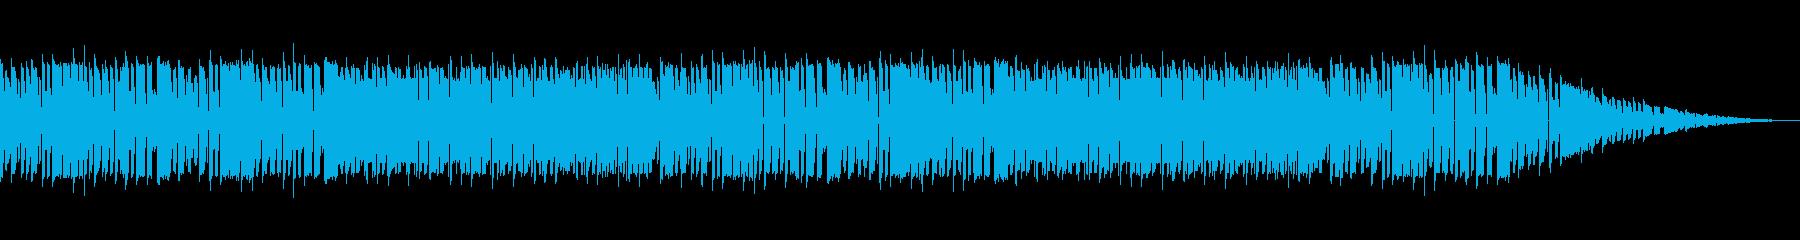 ゲームの世界でジングルベル(8bit)の再生済みの波形